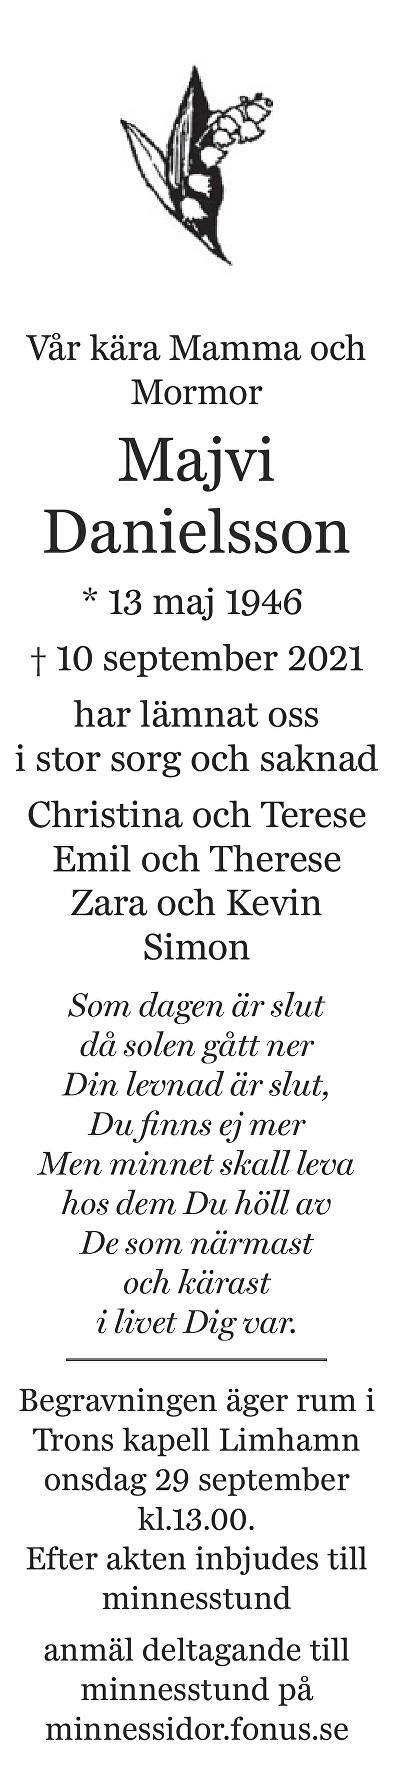 Majvi Danielsson Death notice